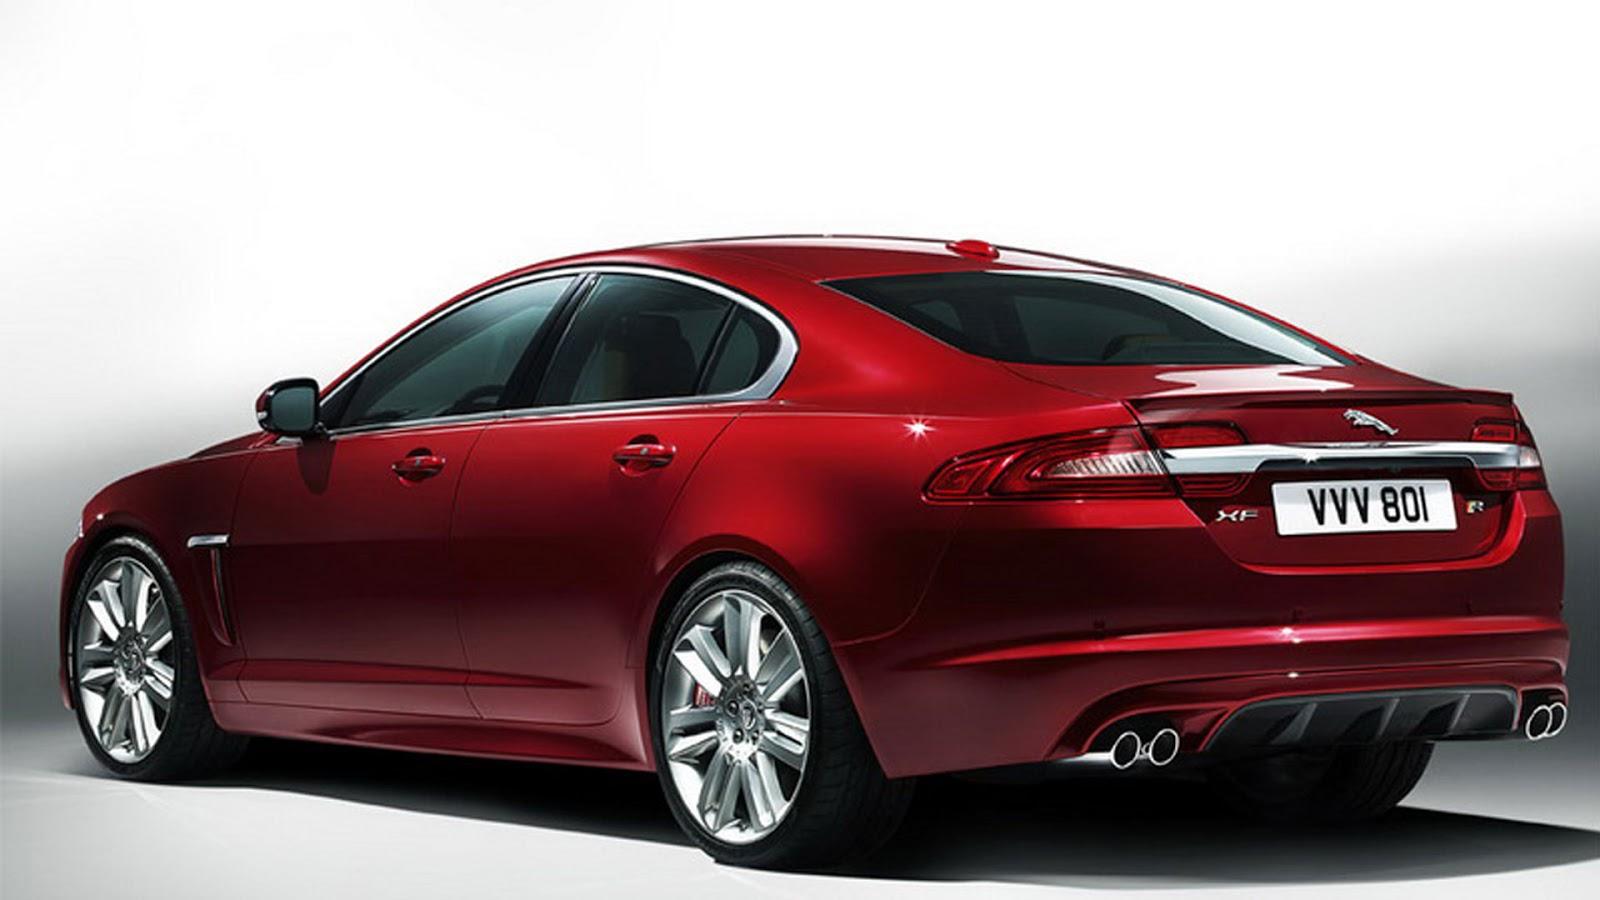 Best Of 25 Jaguar Xf Luxury Sports Saloon Hd Image Types Cars